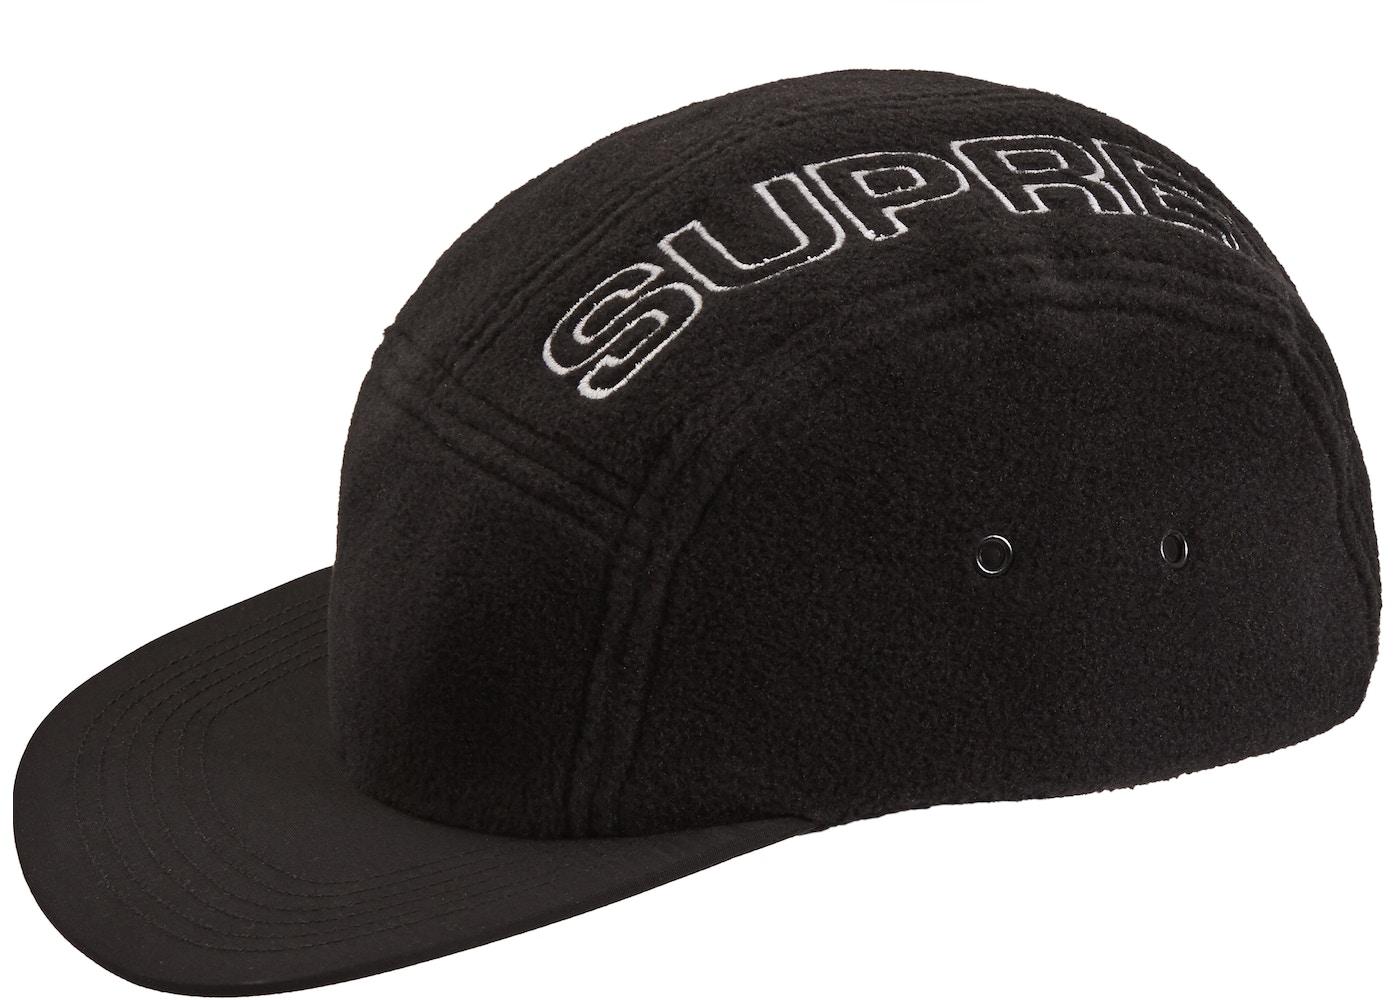 e3c0465c63493c Supreme Polartec Camp Cap Black - FW18